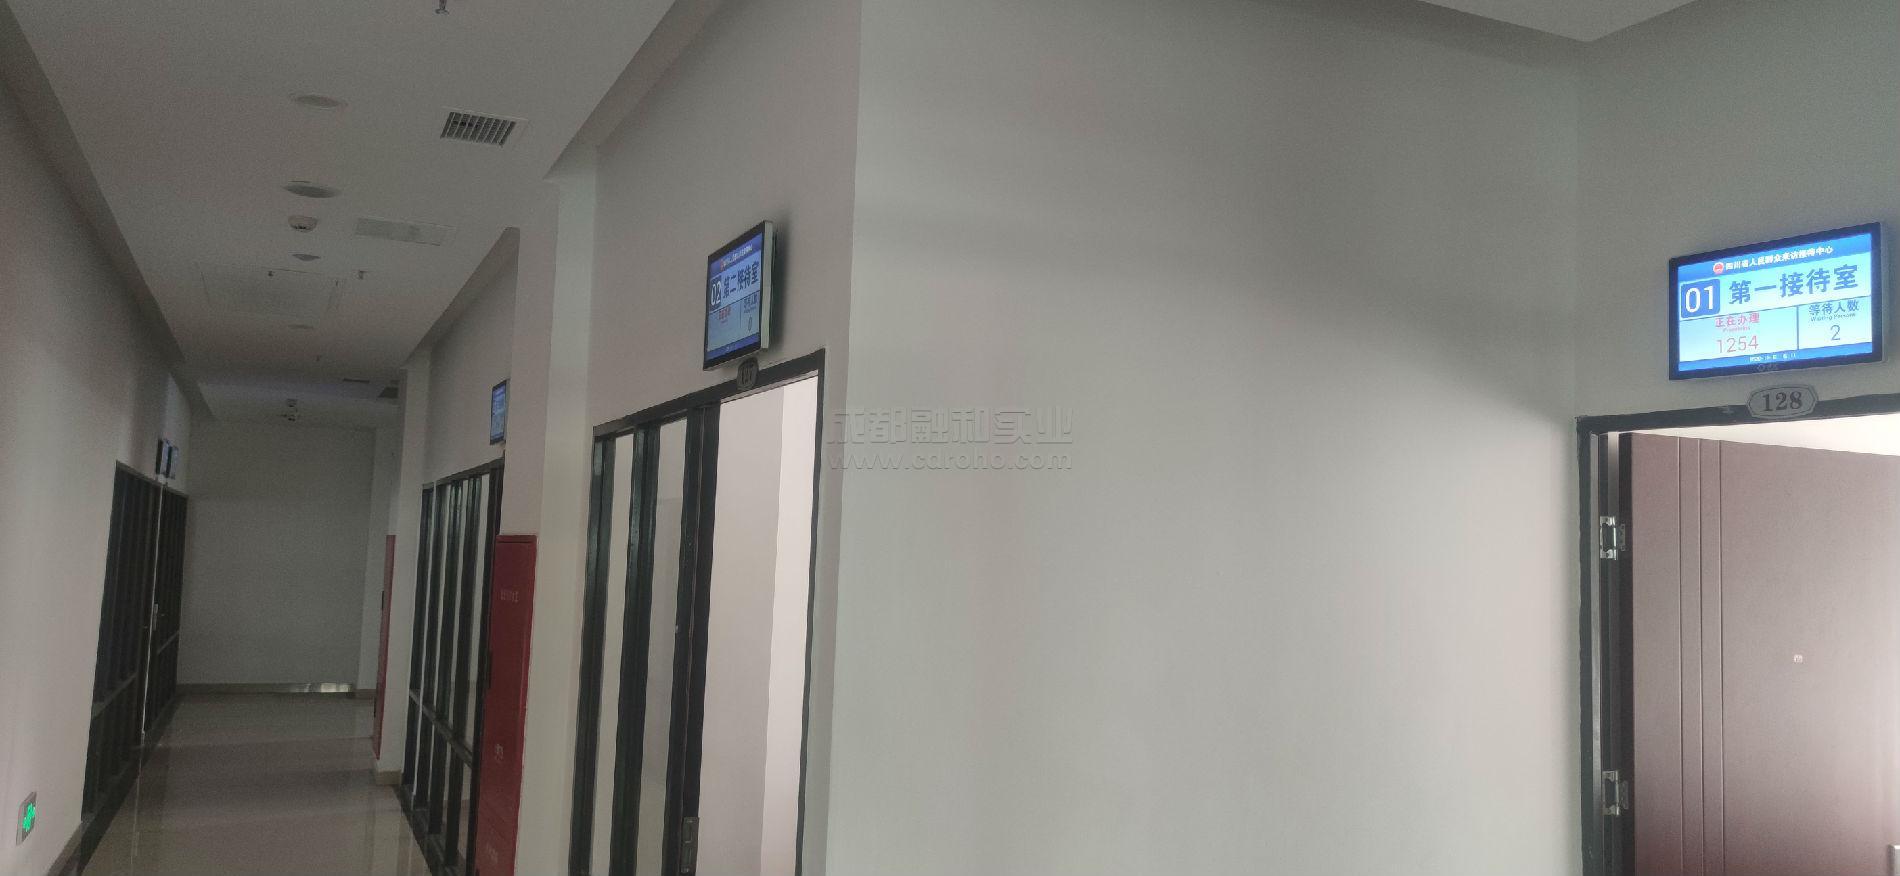 信访局排队系统